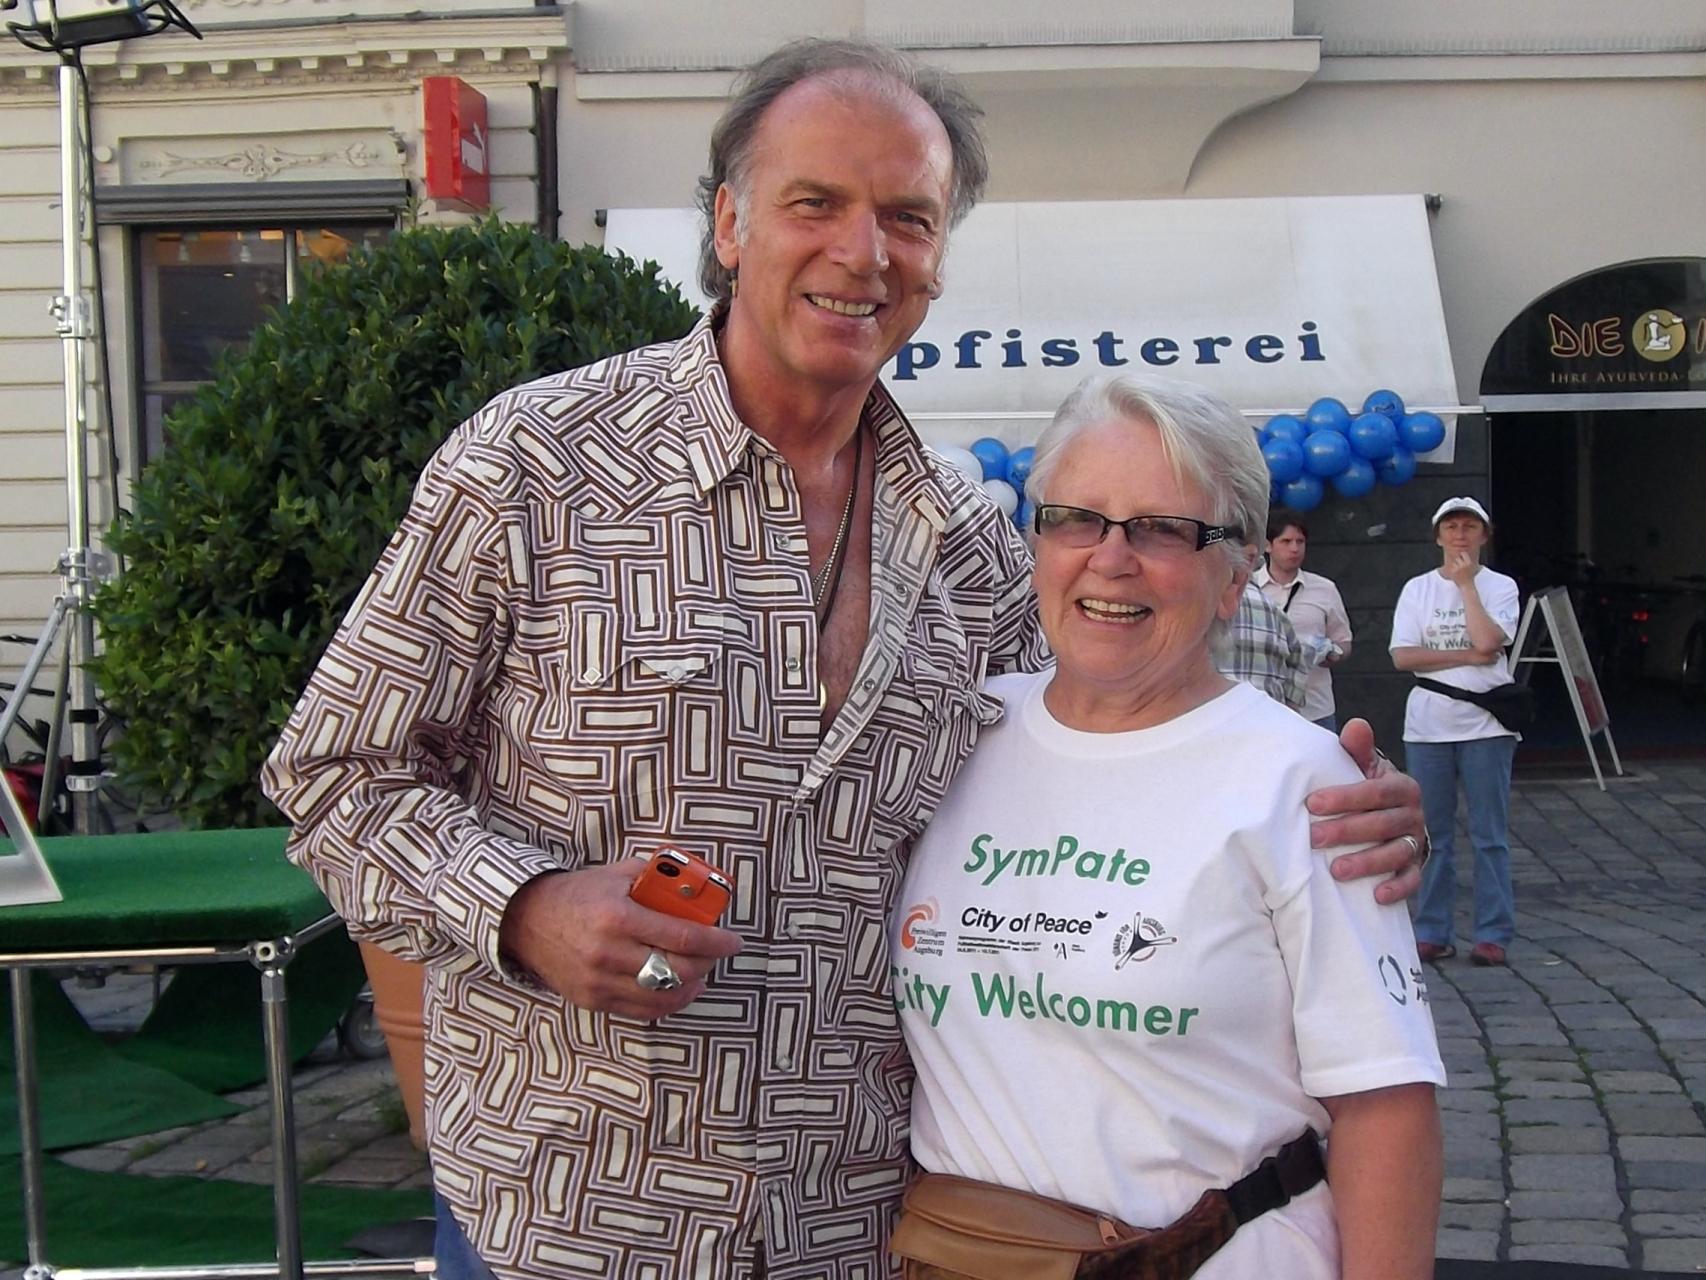 SymPaten - City Welcomers 2011 - Auch der Schauspieler Wolfgang Fierek ließ sich beraten - Foto: Freiwilligen-Zentrum Augsburg